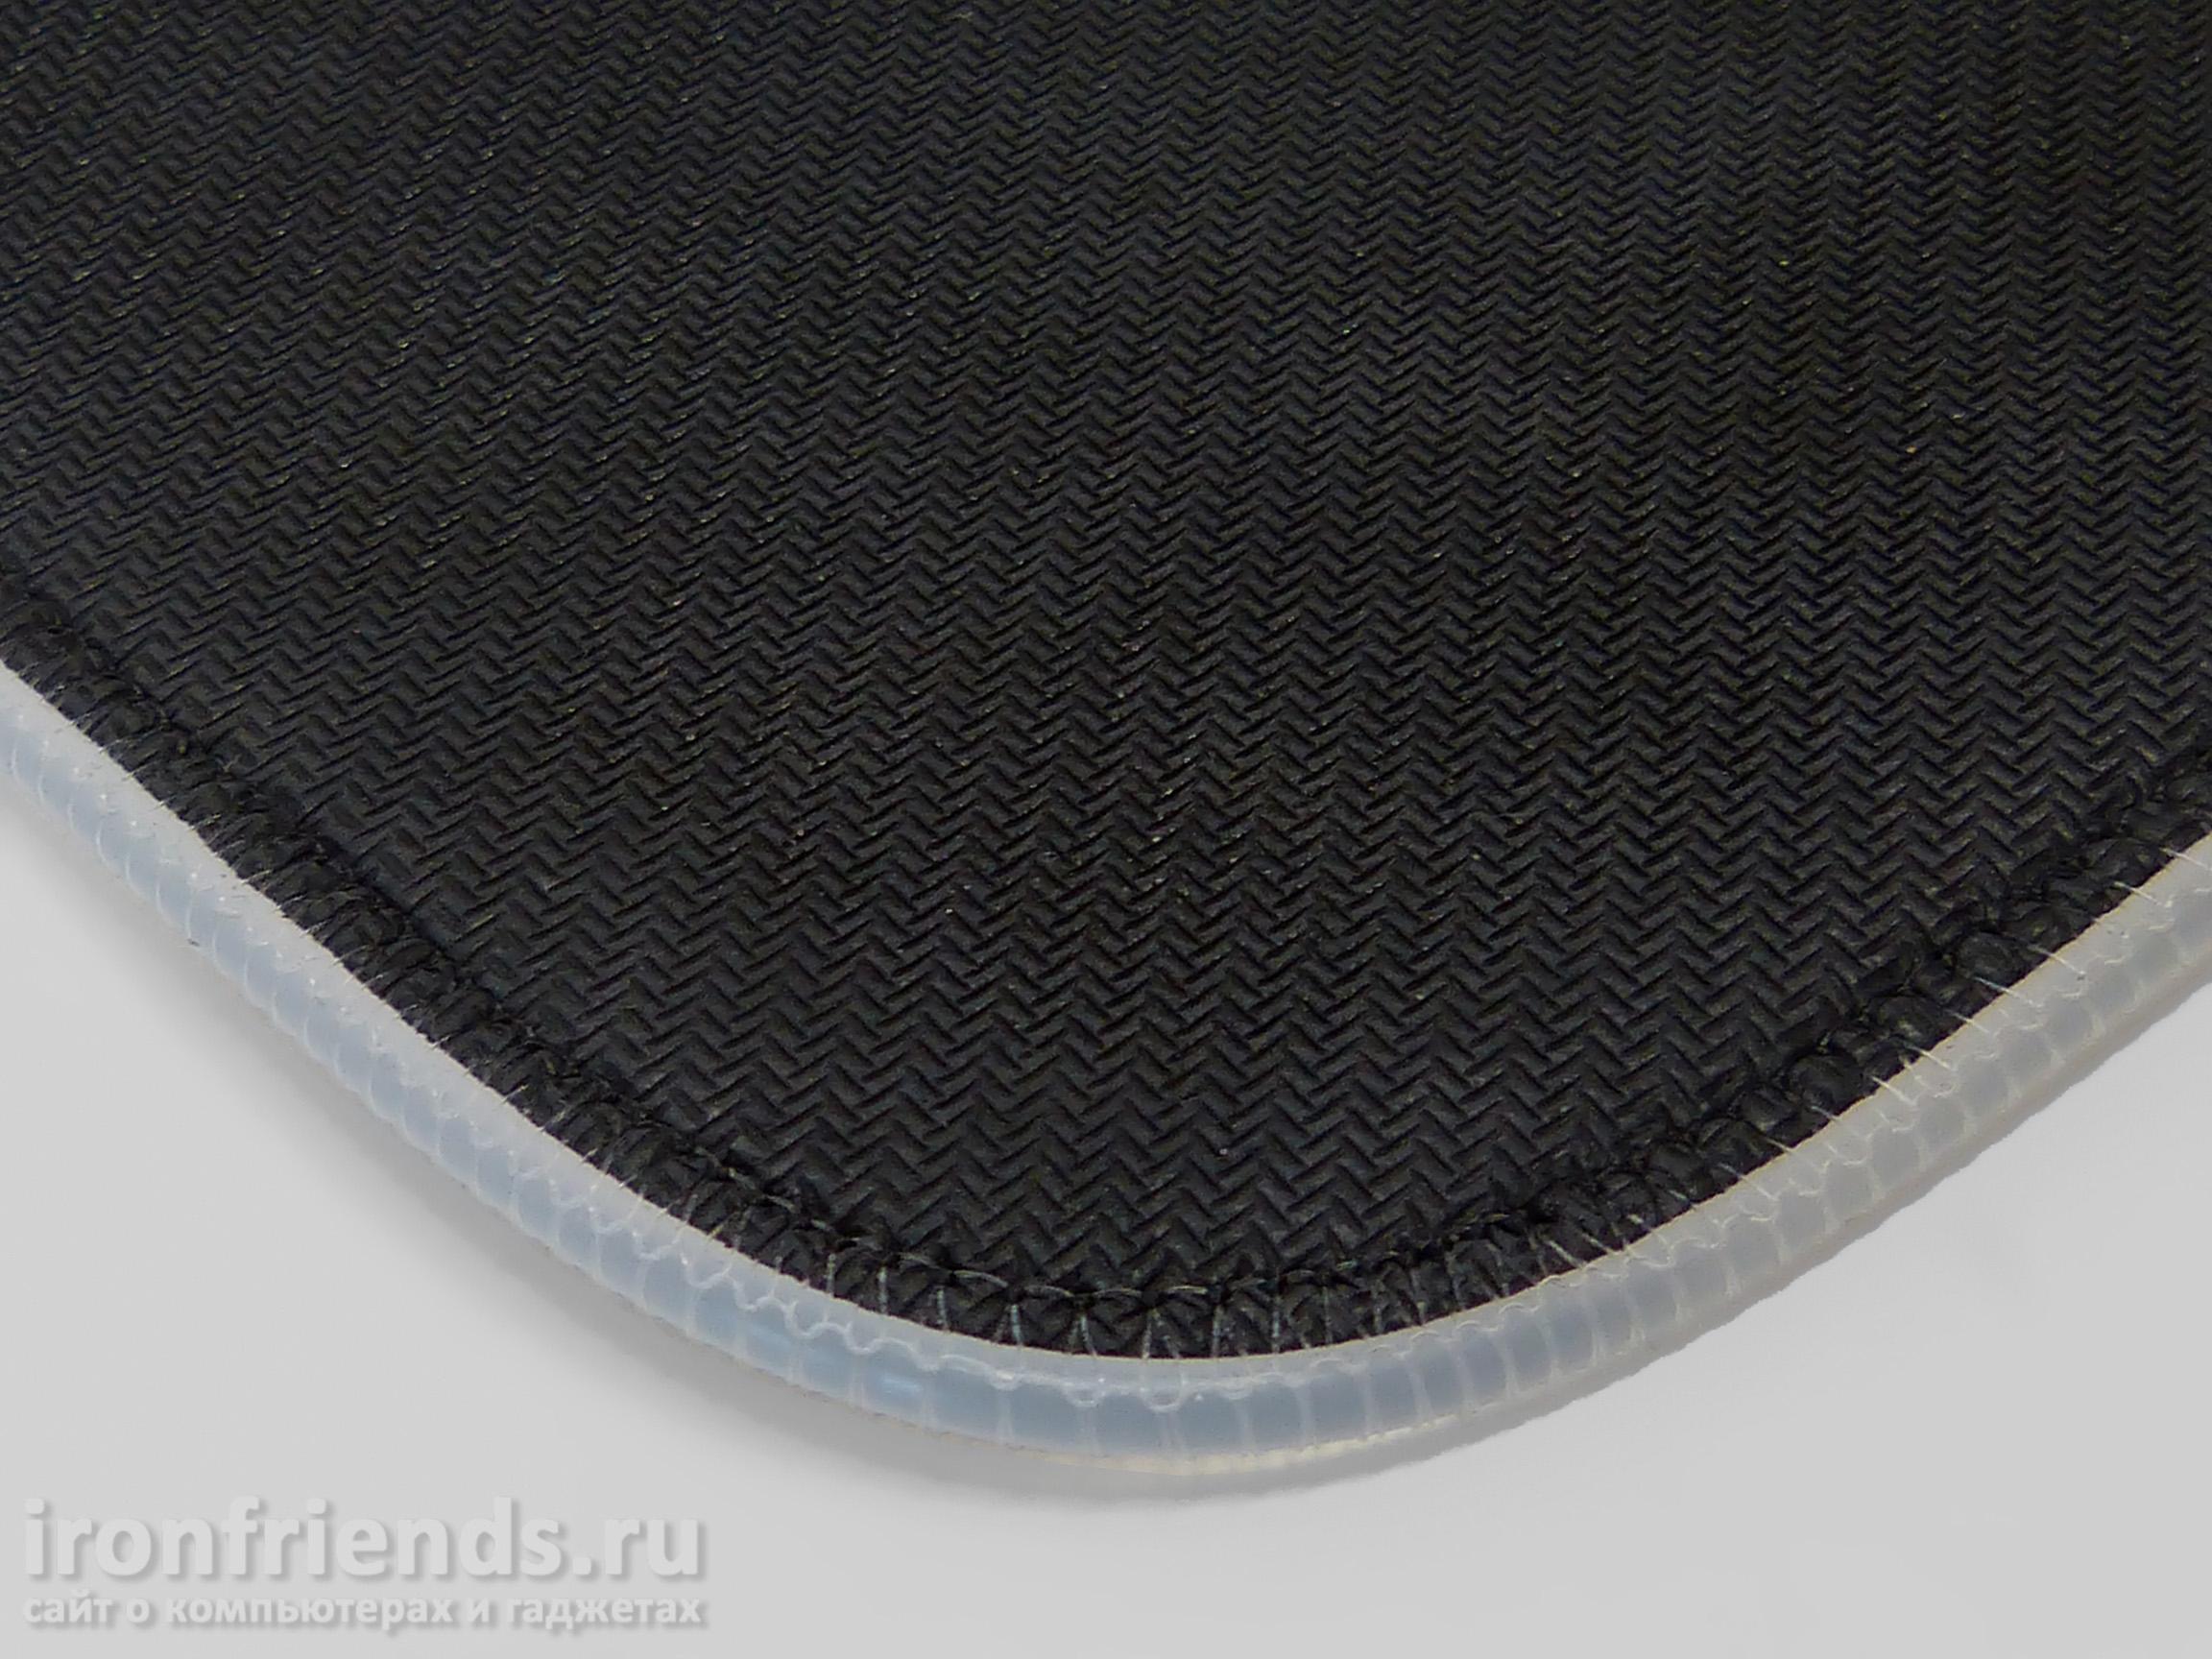 Основание коврика Tronsmart Spire RGB Mouse Pad